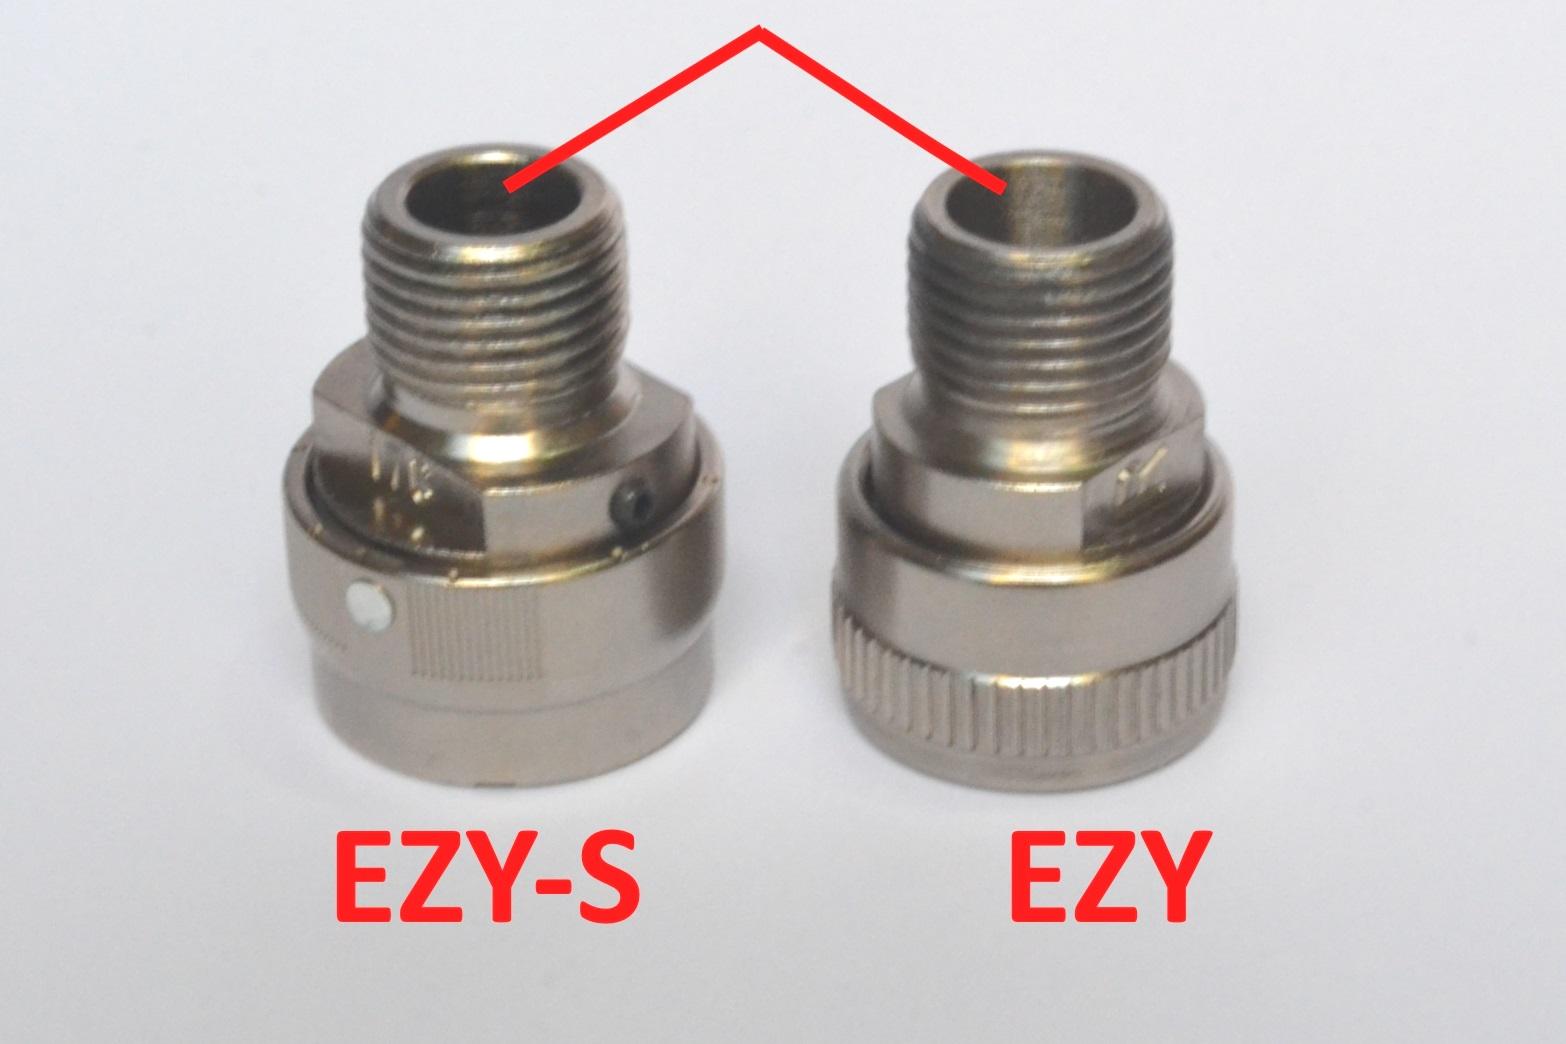 Pédales amovibles MKS - Page 18 8673-Mks-pedali-ezy-ezy-s-65